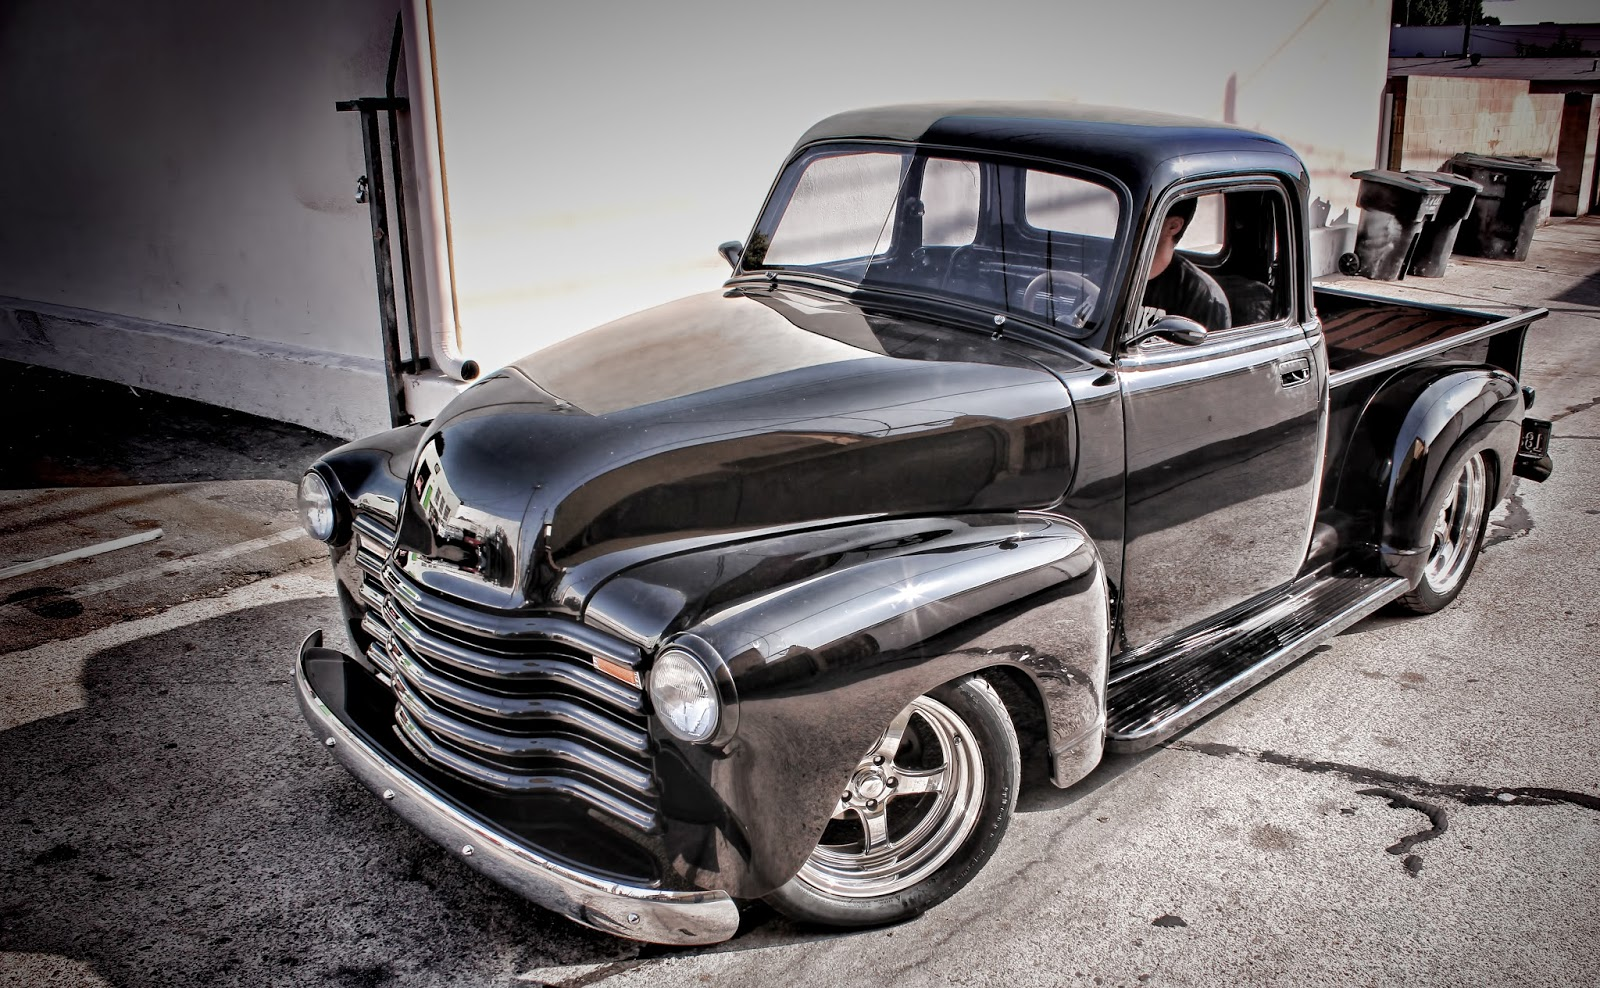 Davids 49 Chevy Truck | LimeWorks Speedshop